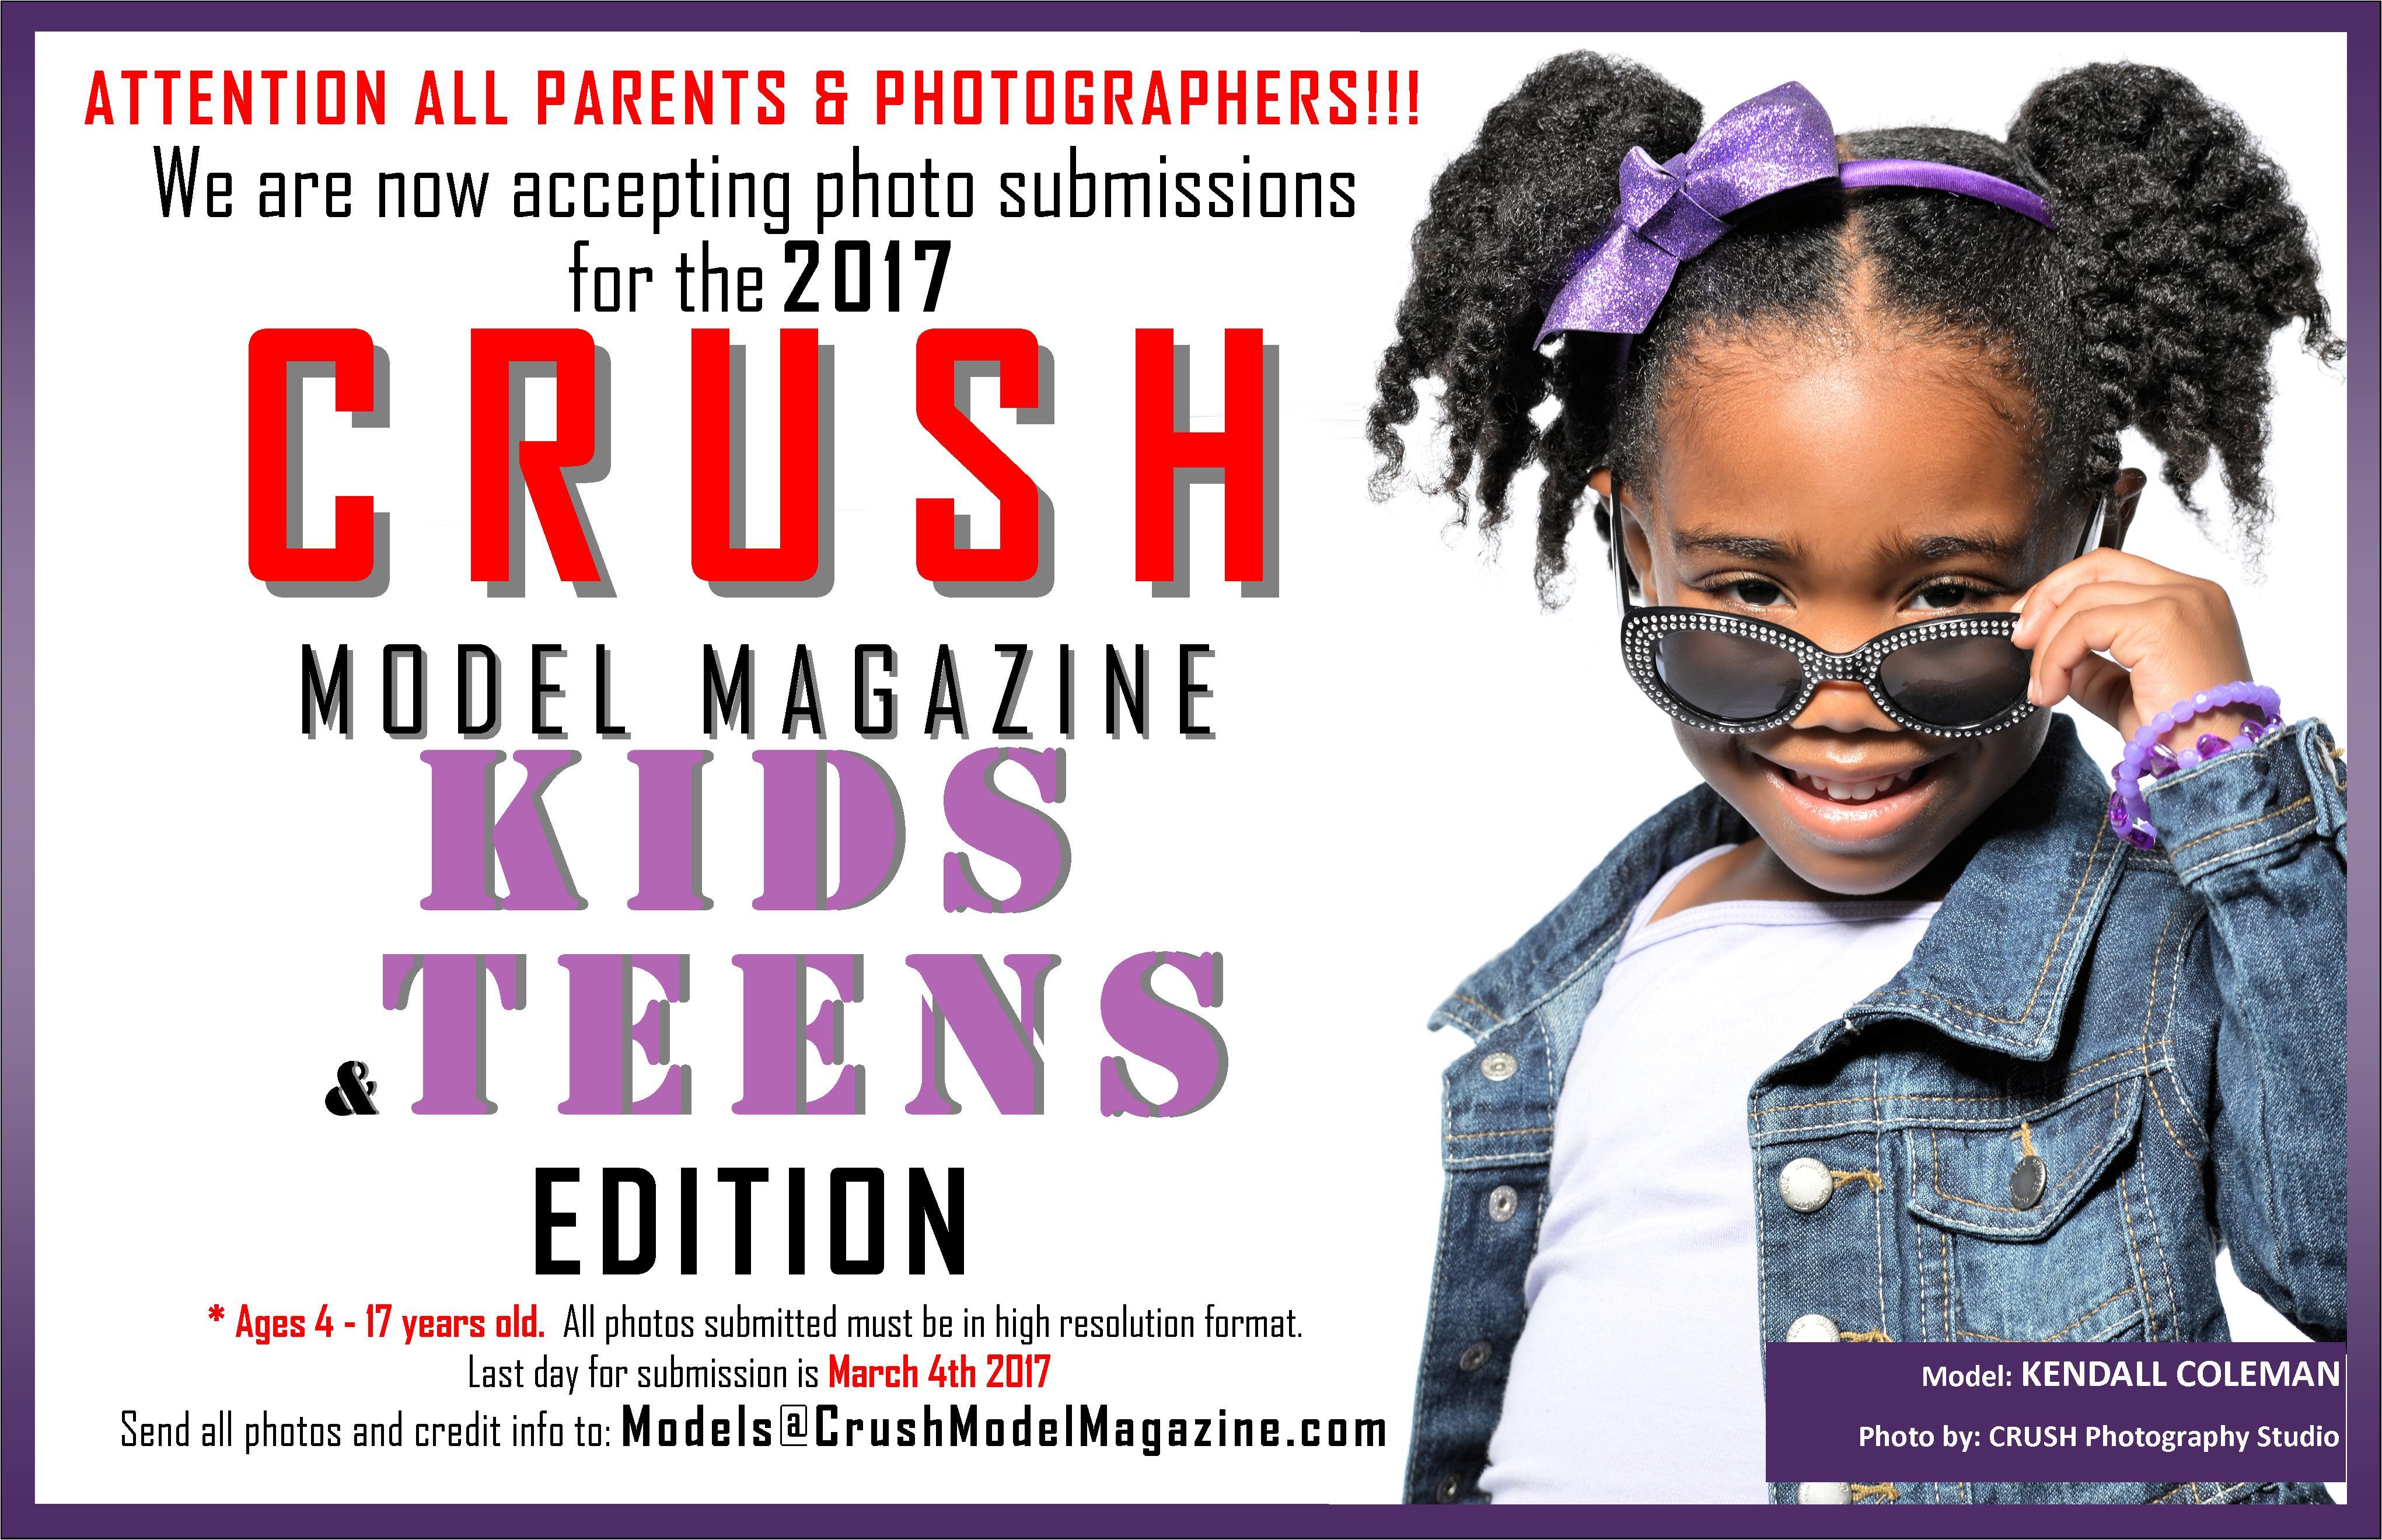 CRUSH Model Magazine's KIDS & TEENS Edition Photo